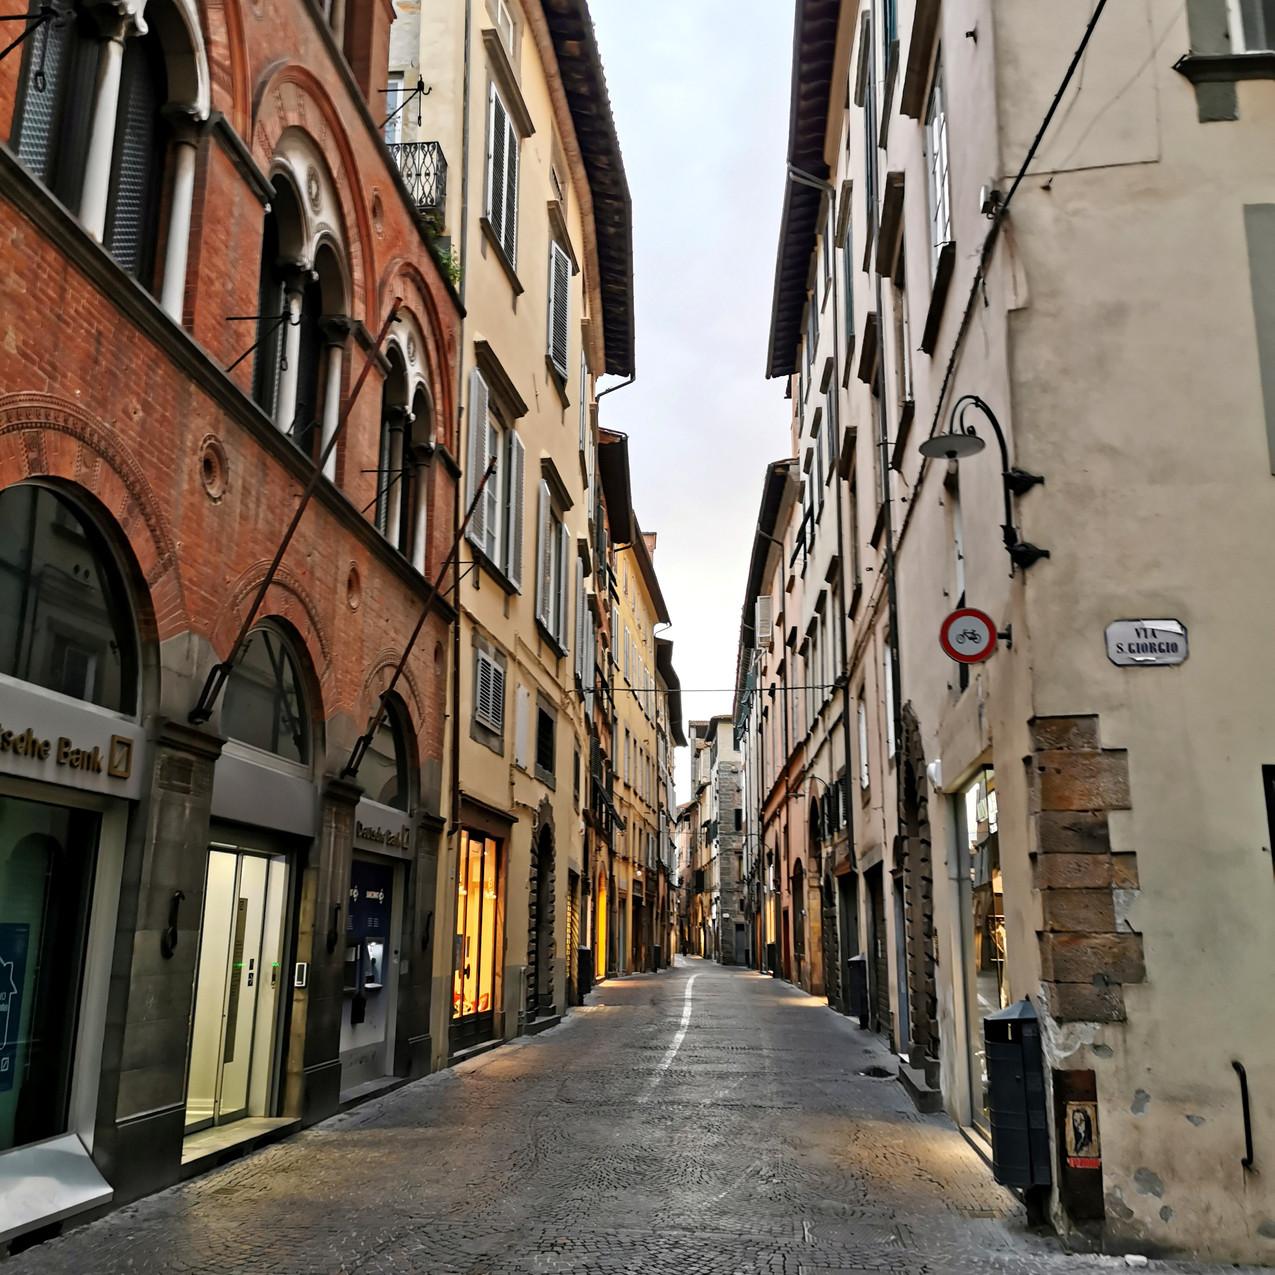 Italy under lockdown